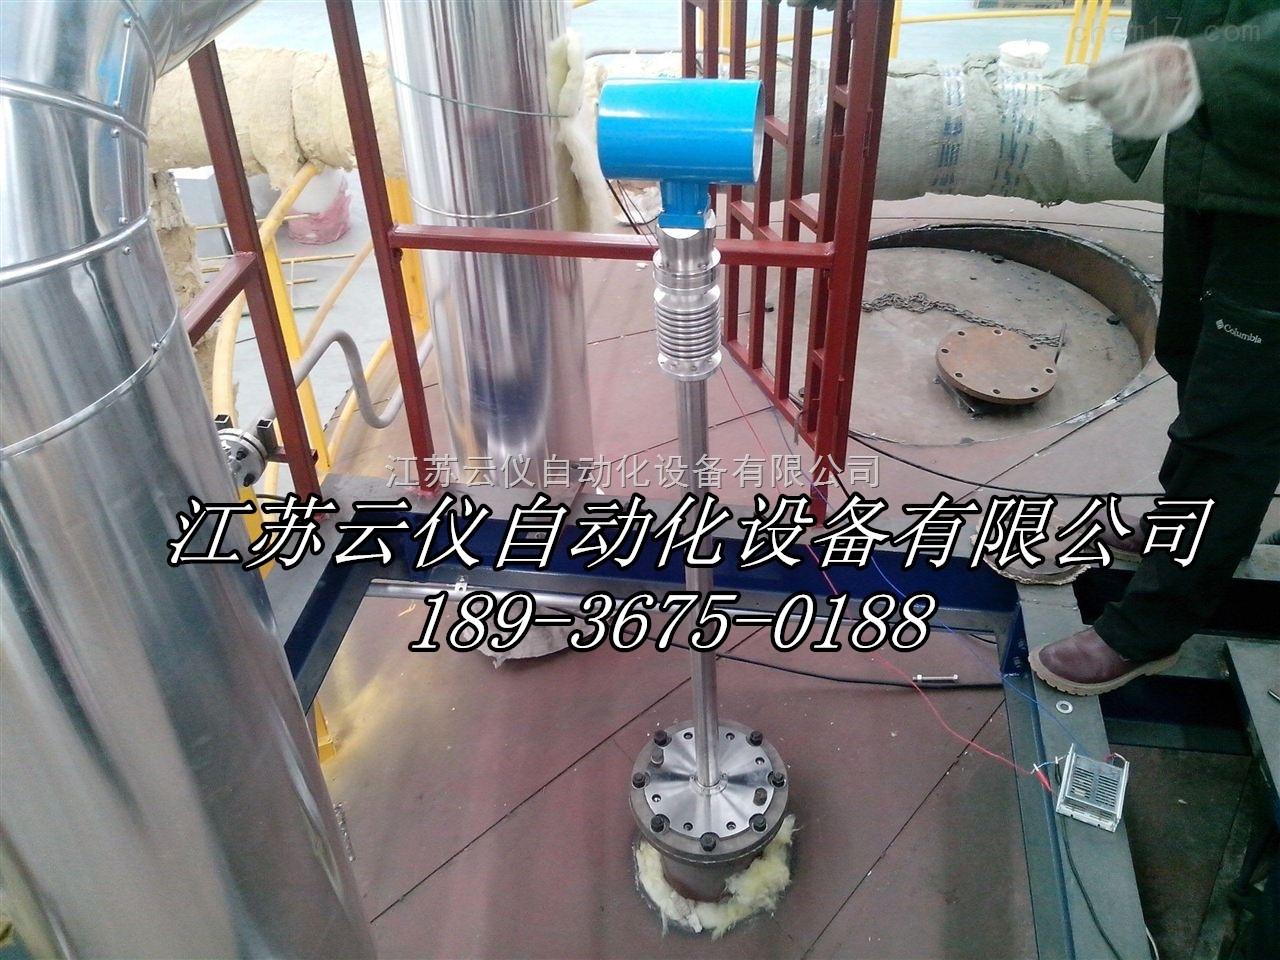 国内导波雷达液位计生产厂家-江苏云仪自动化